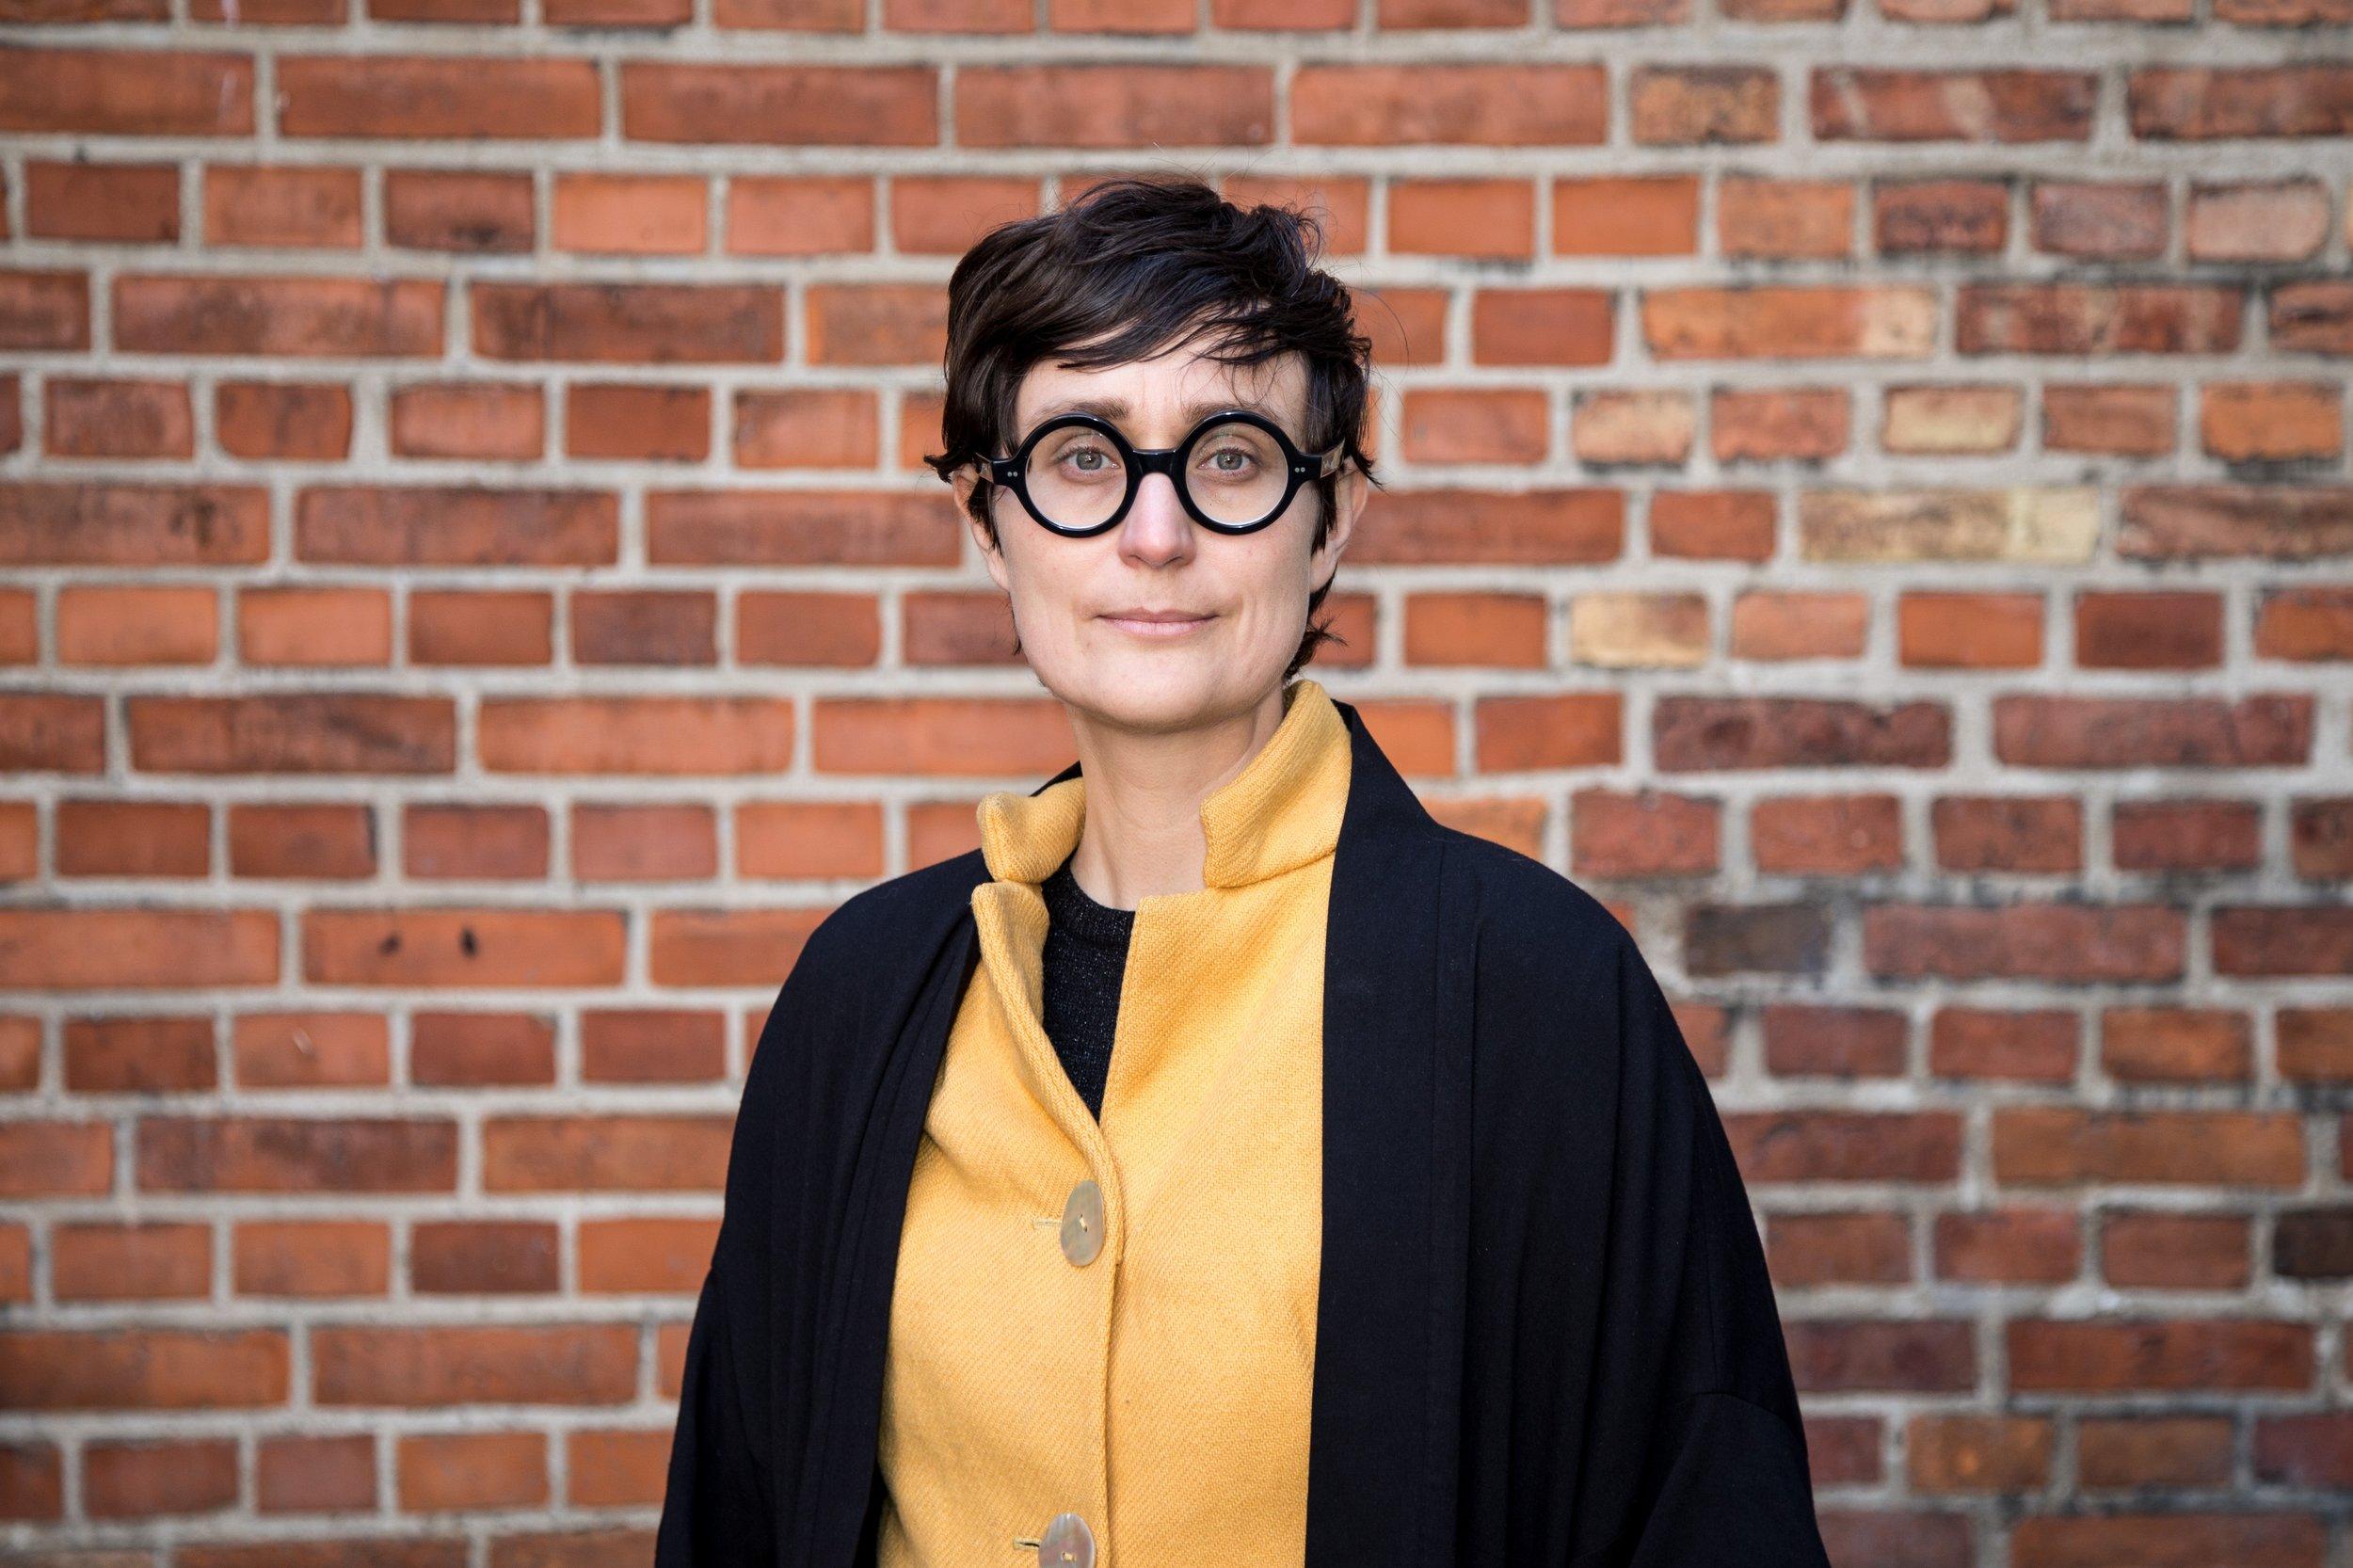 Matilda Arvidsson 2017 300 dpi.jpg